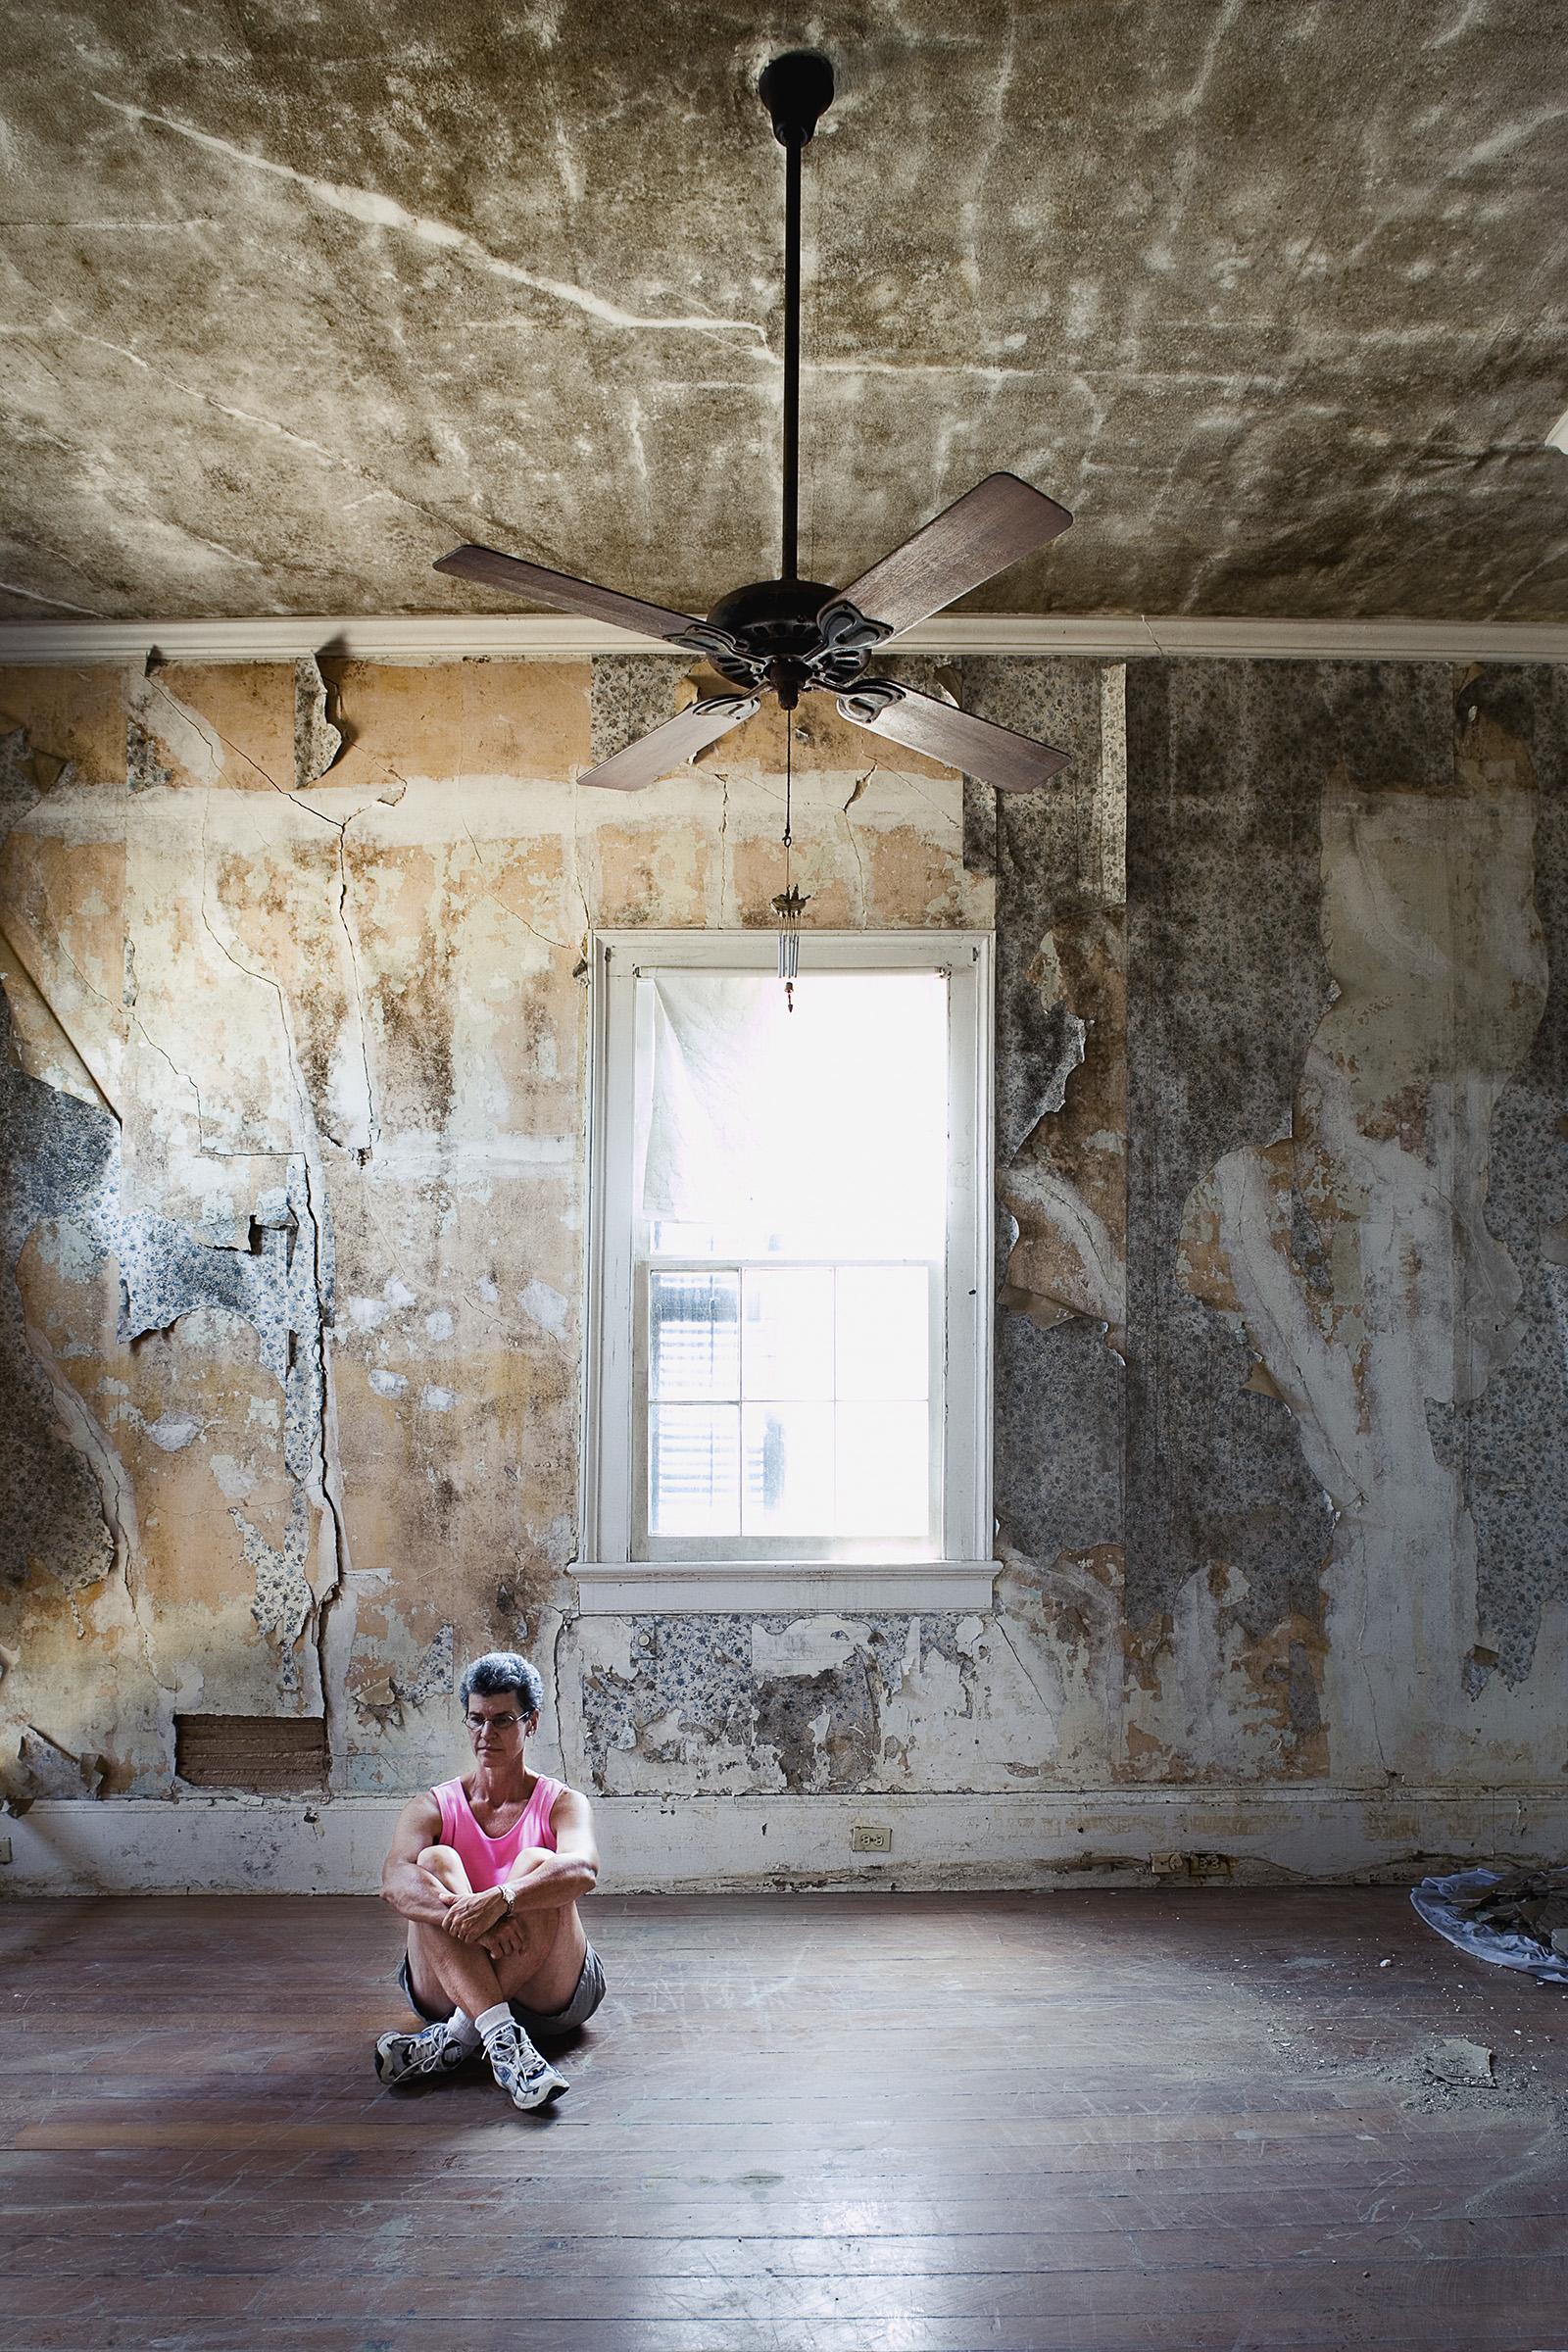 Post Hurricane Katrina: Noelle© Stephen Wilkes